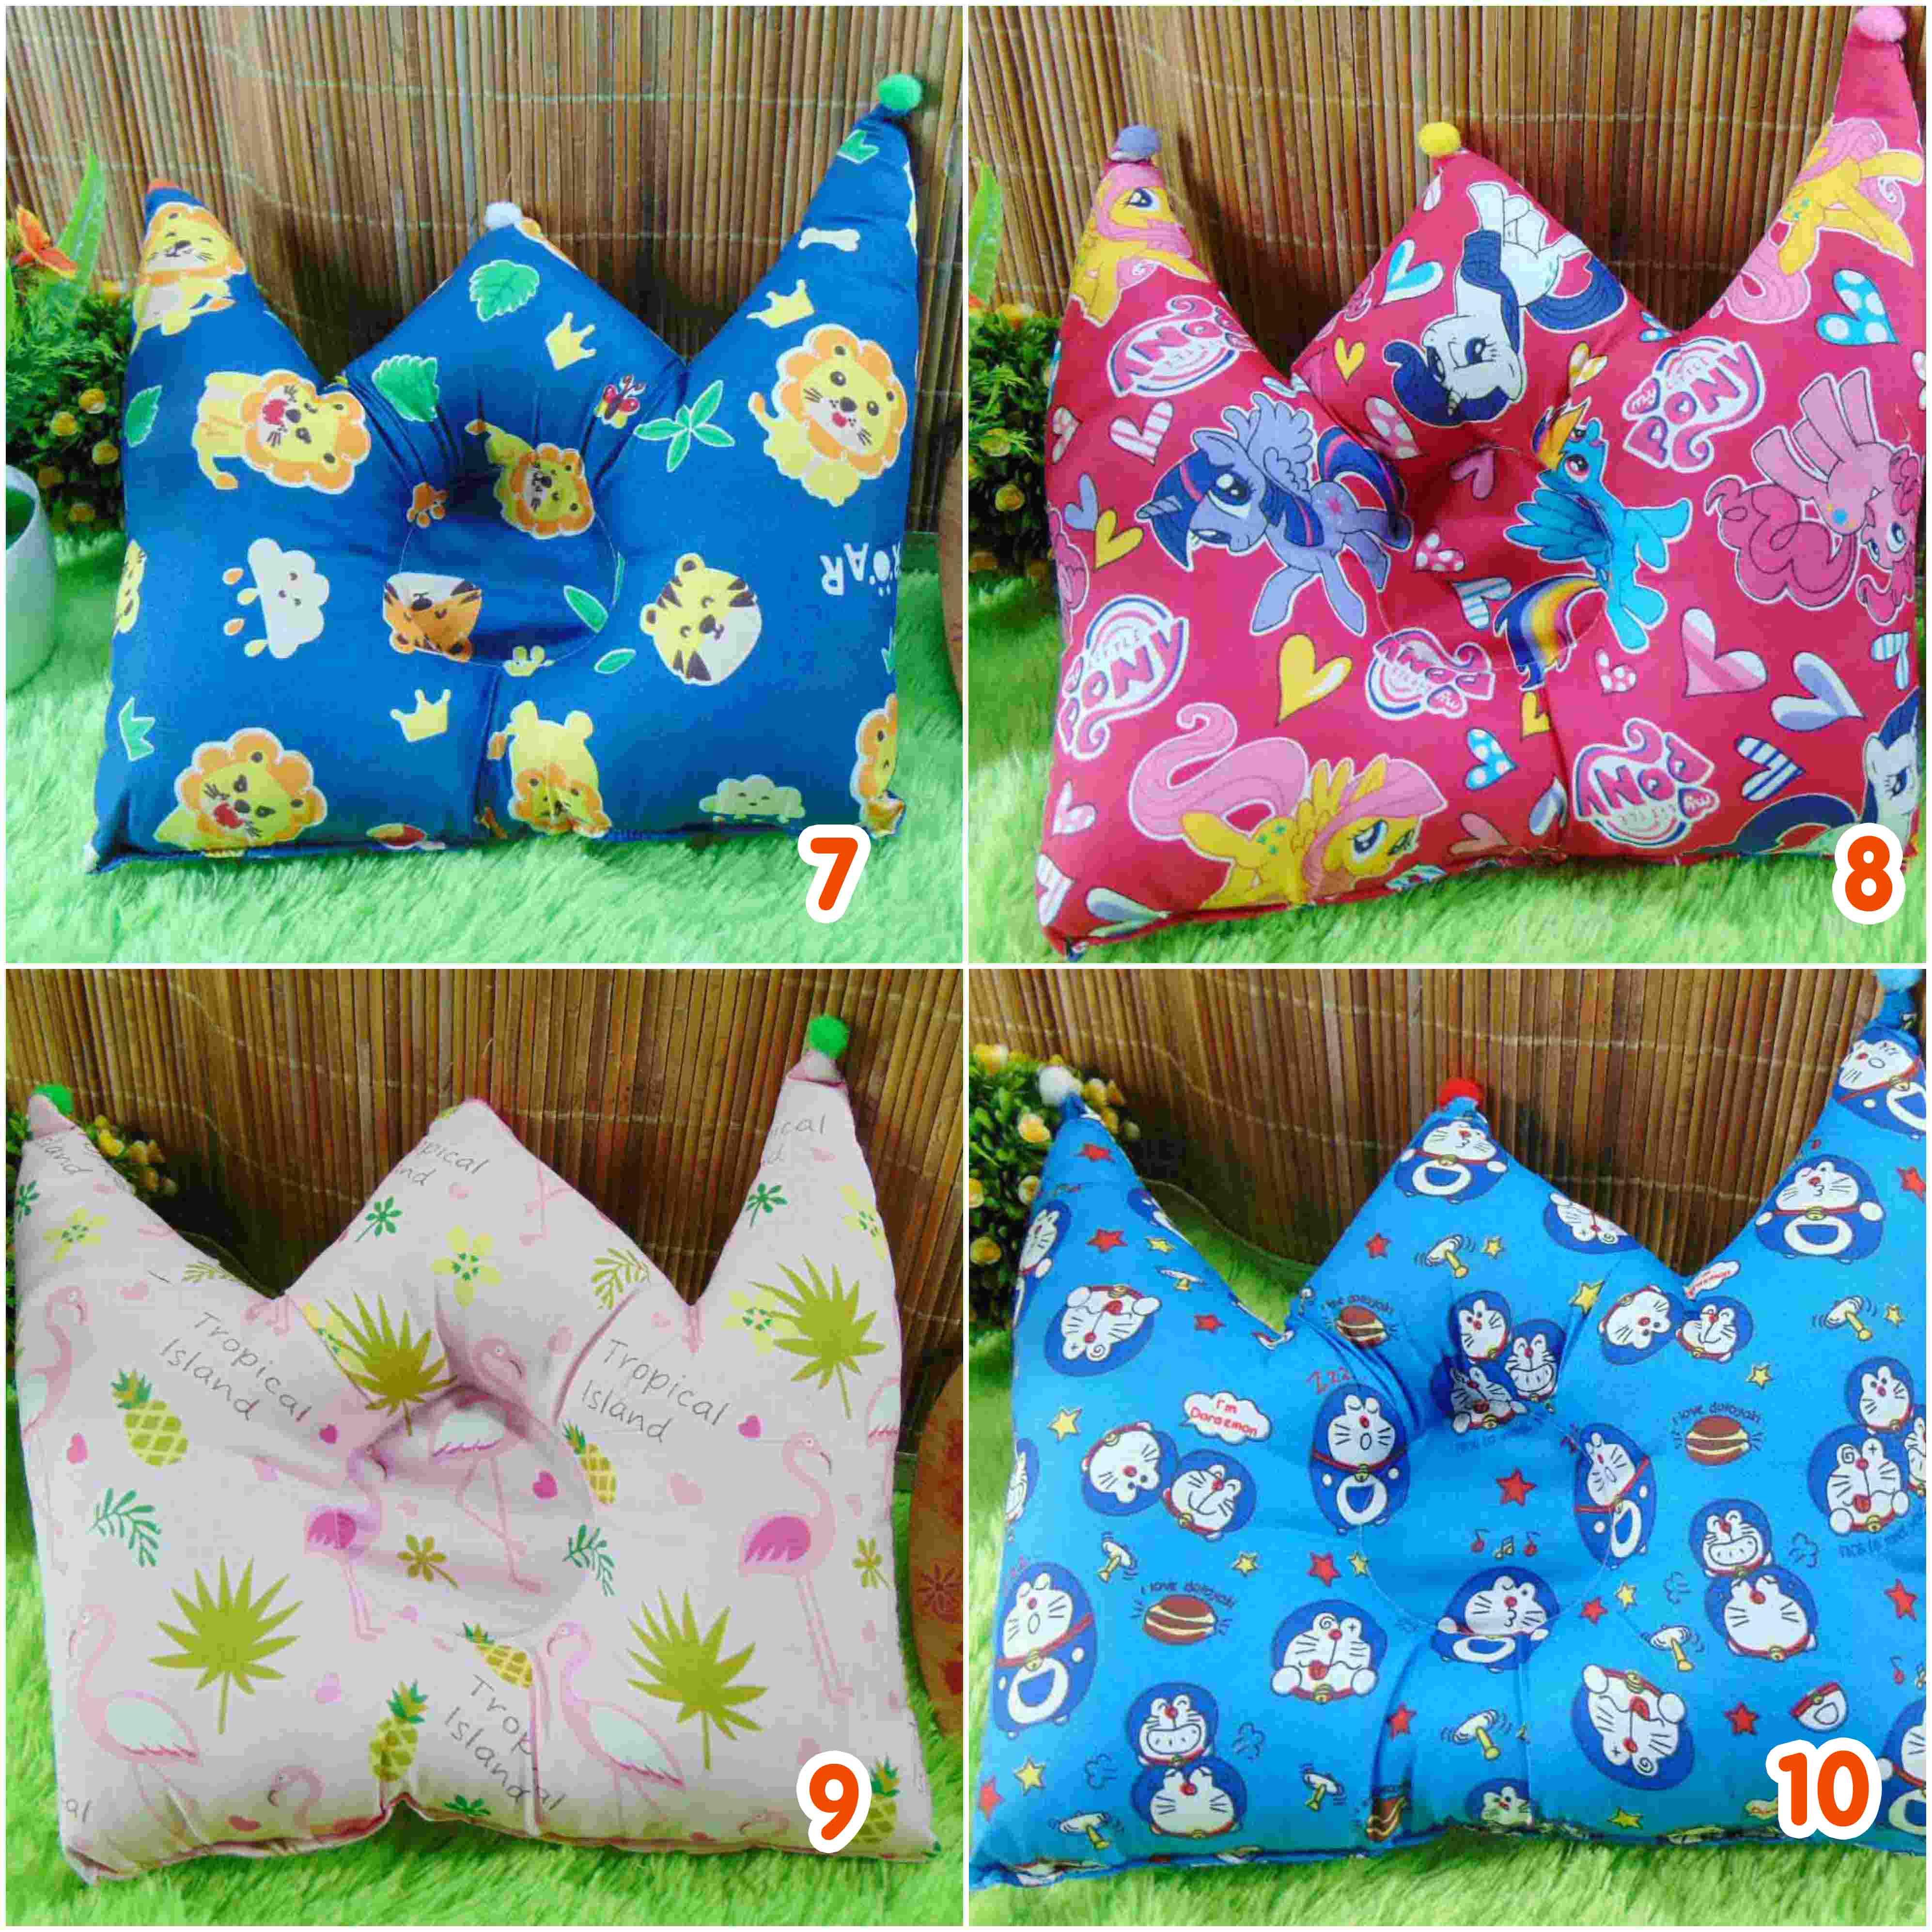 kado bayi Bantal mahkota crown pillow bantal peyang Peang bayi baby aneka motif (3)